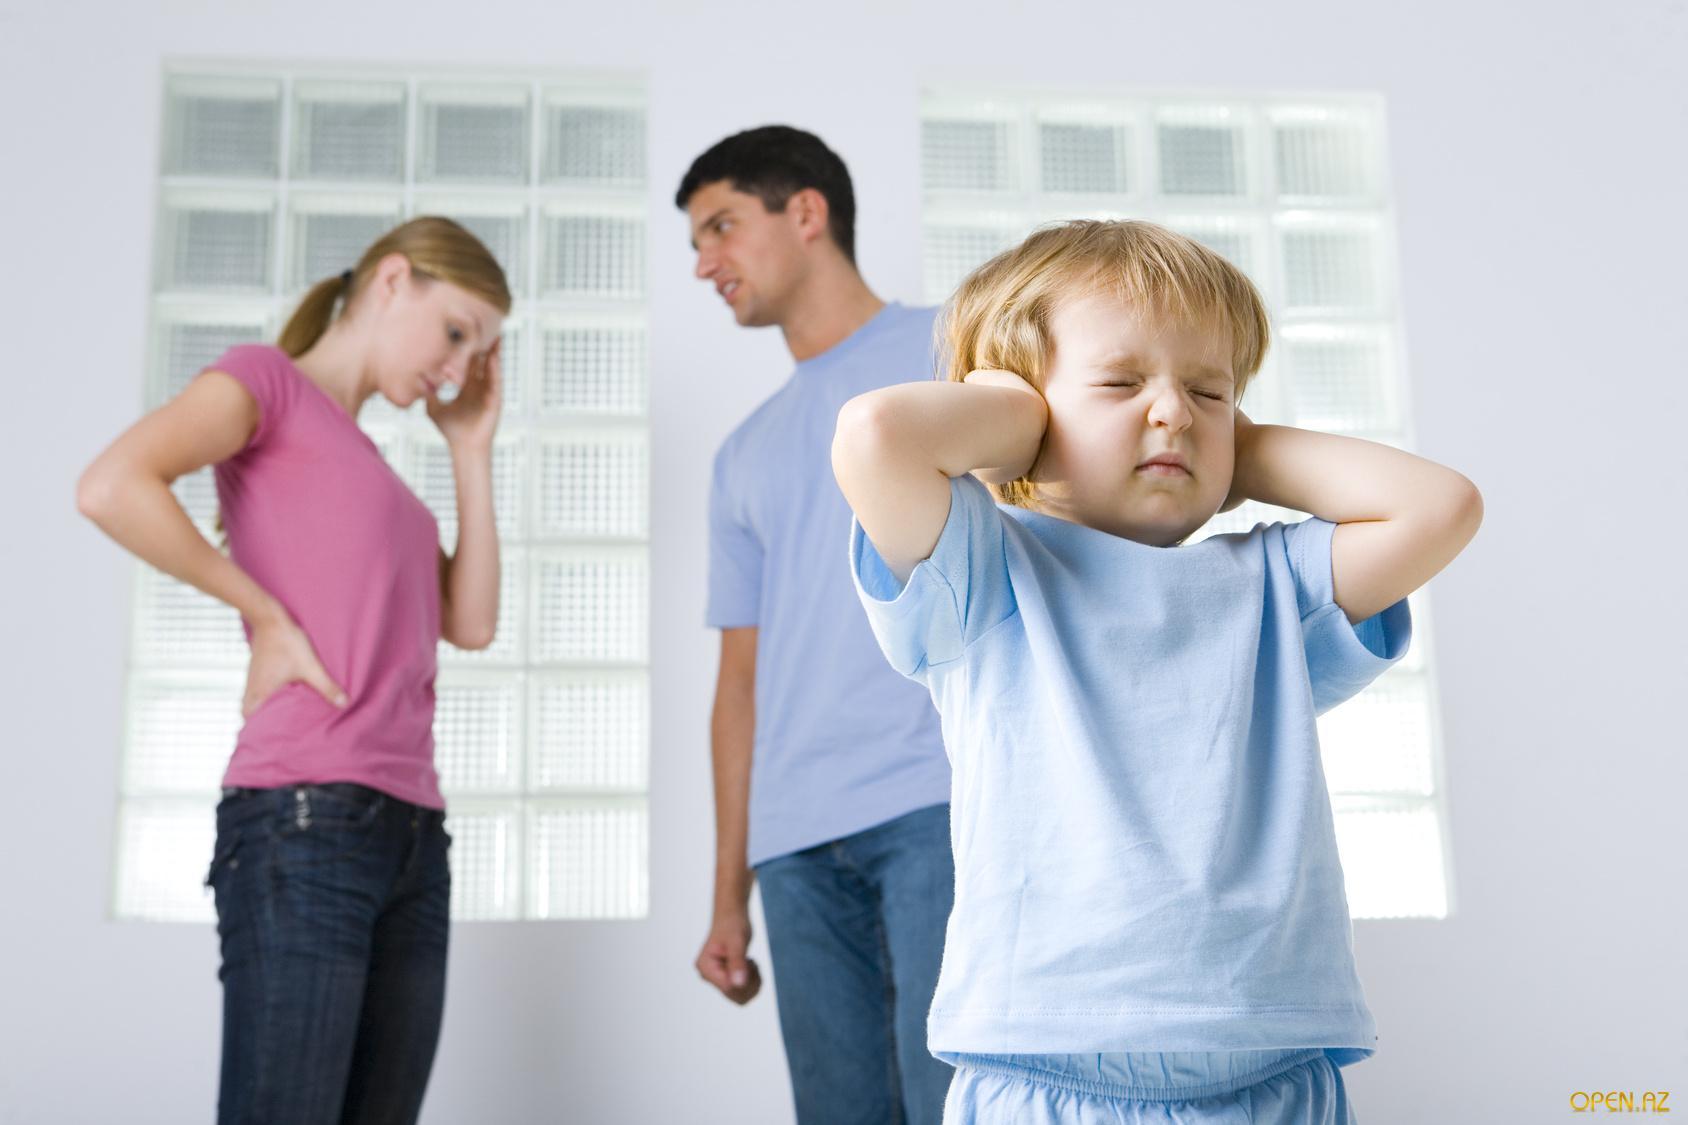 Можно заявить требование провестираздел совместно нажитого имуществаи (или) определить, с кем из родителей после развода должен остаться несовершеннолетний ребенок